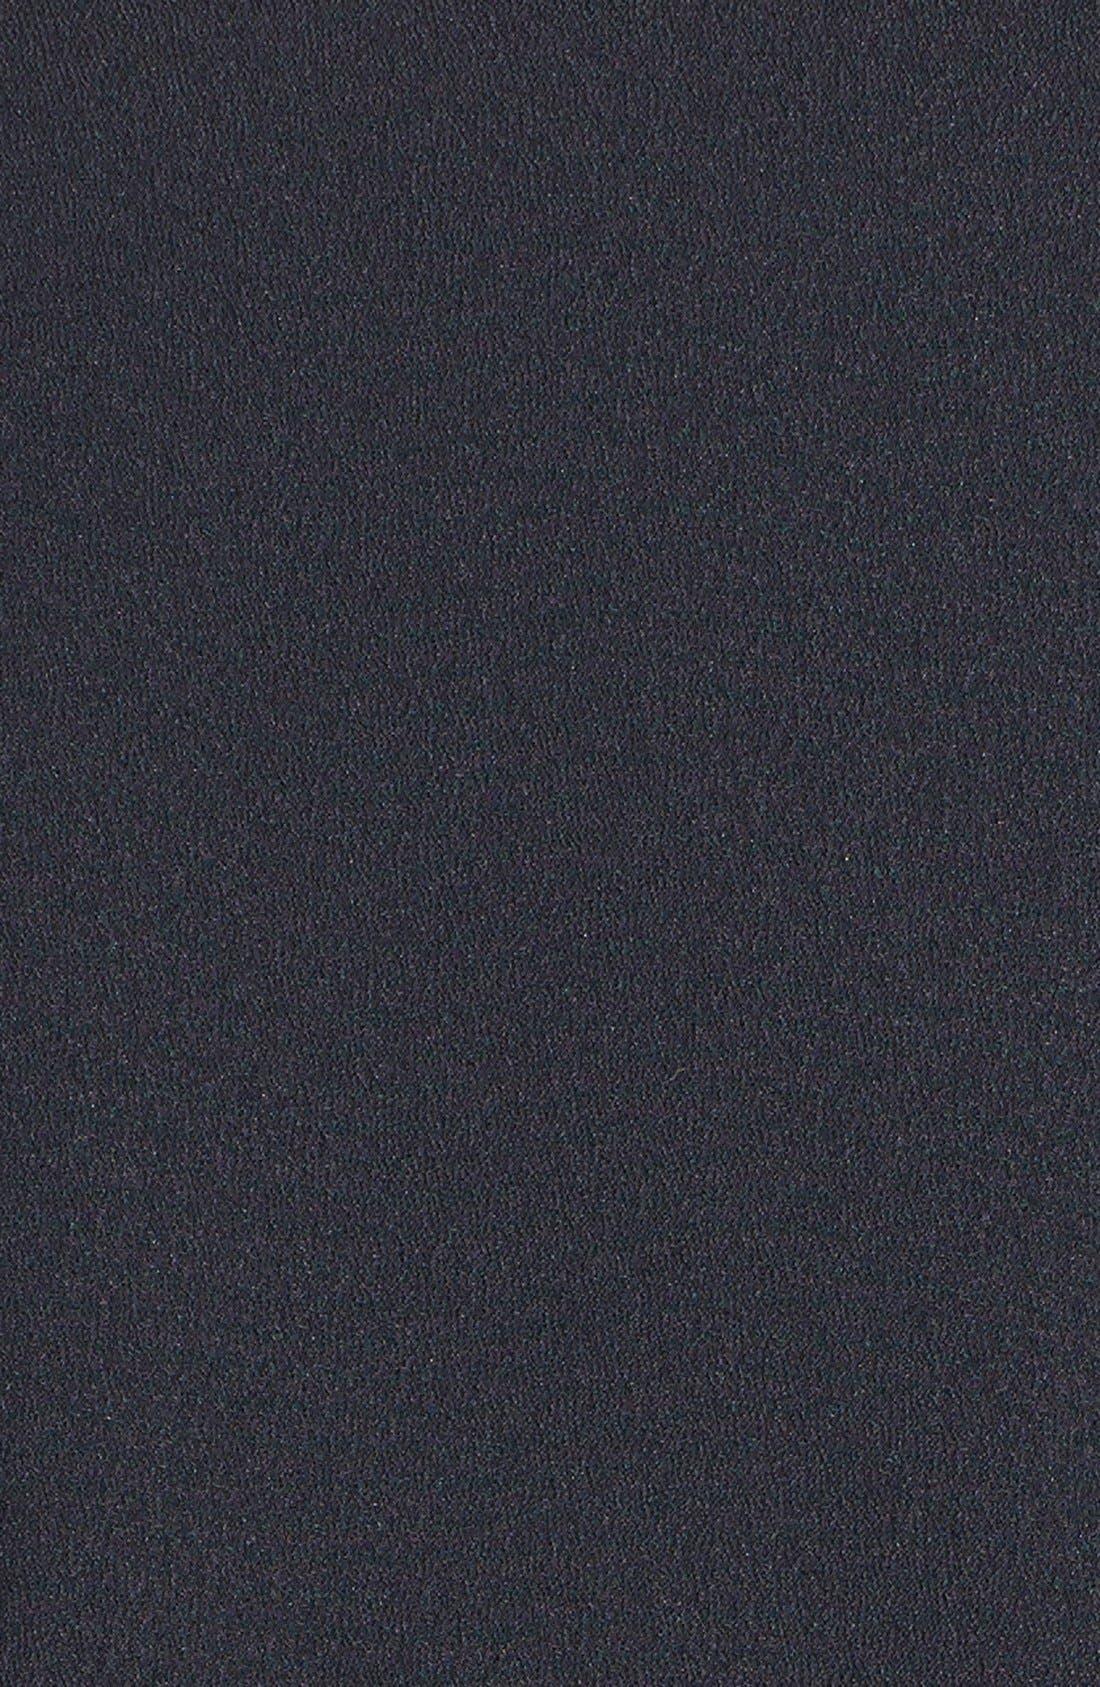 Alternate Image 3  - Jessica Simpson 'Bren' Jumpsuit